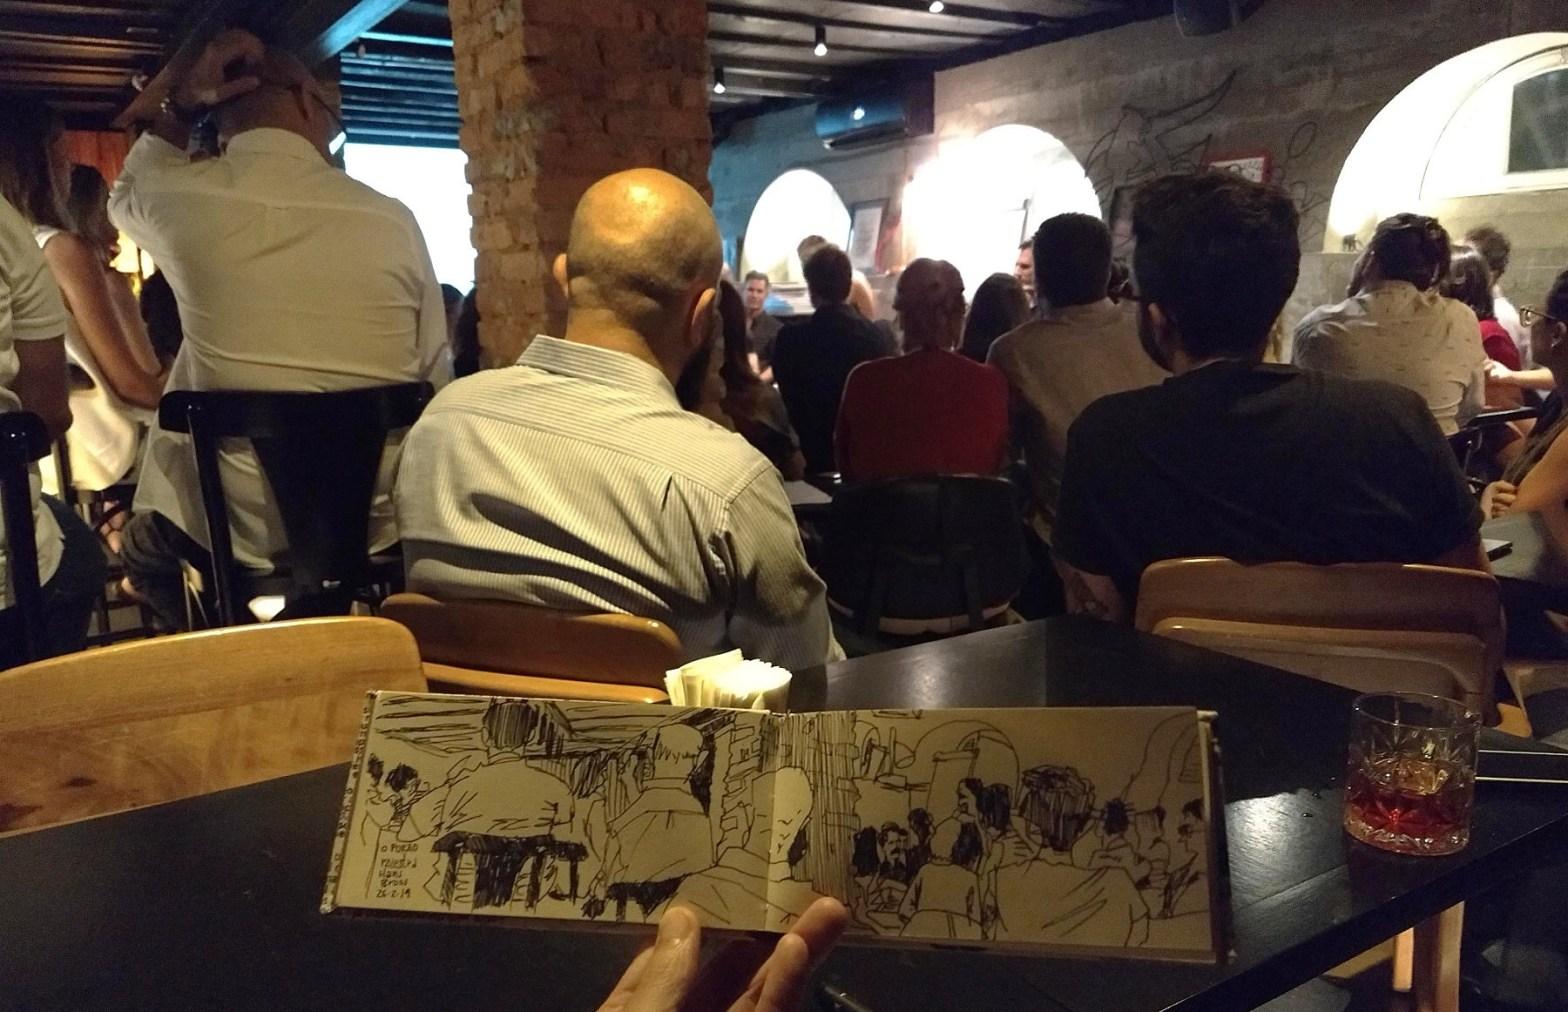 Público do evento no Porão, virado para os palestrantes. Em primeiro plano, caderno horizontal aberto com o desenho